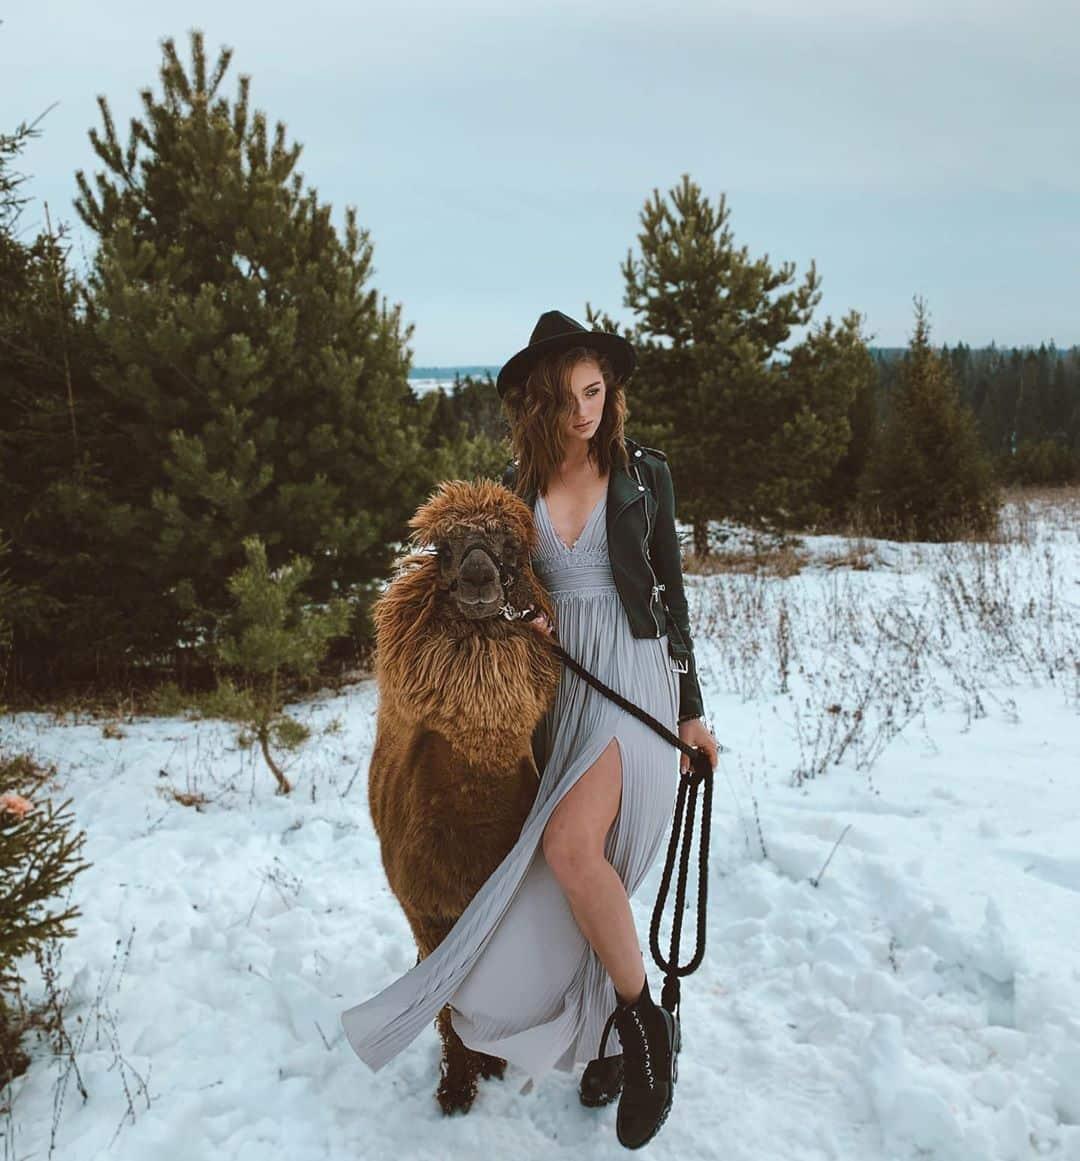 Съемки зимой в платье с альпакой